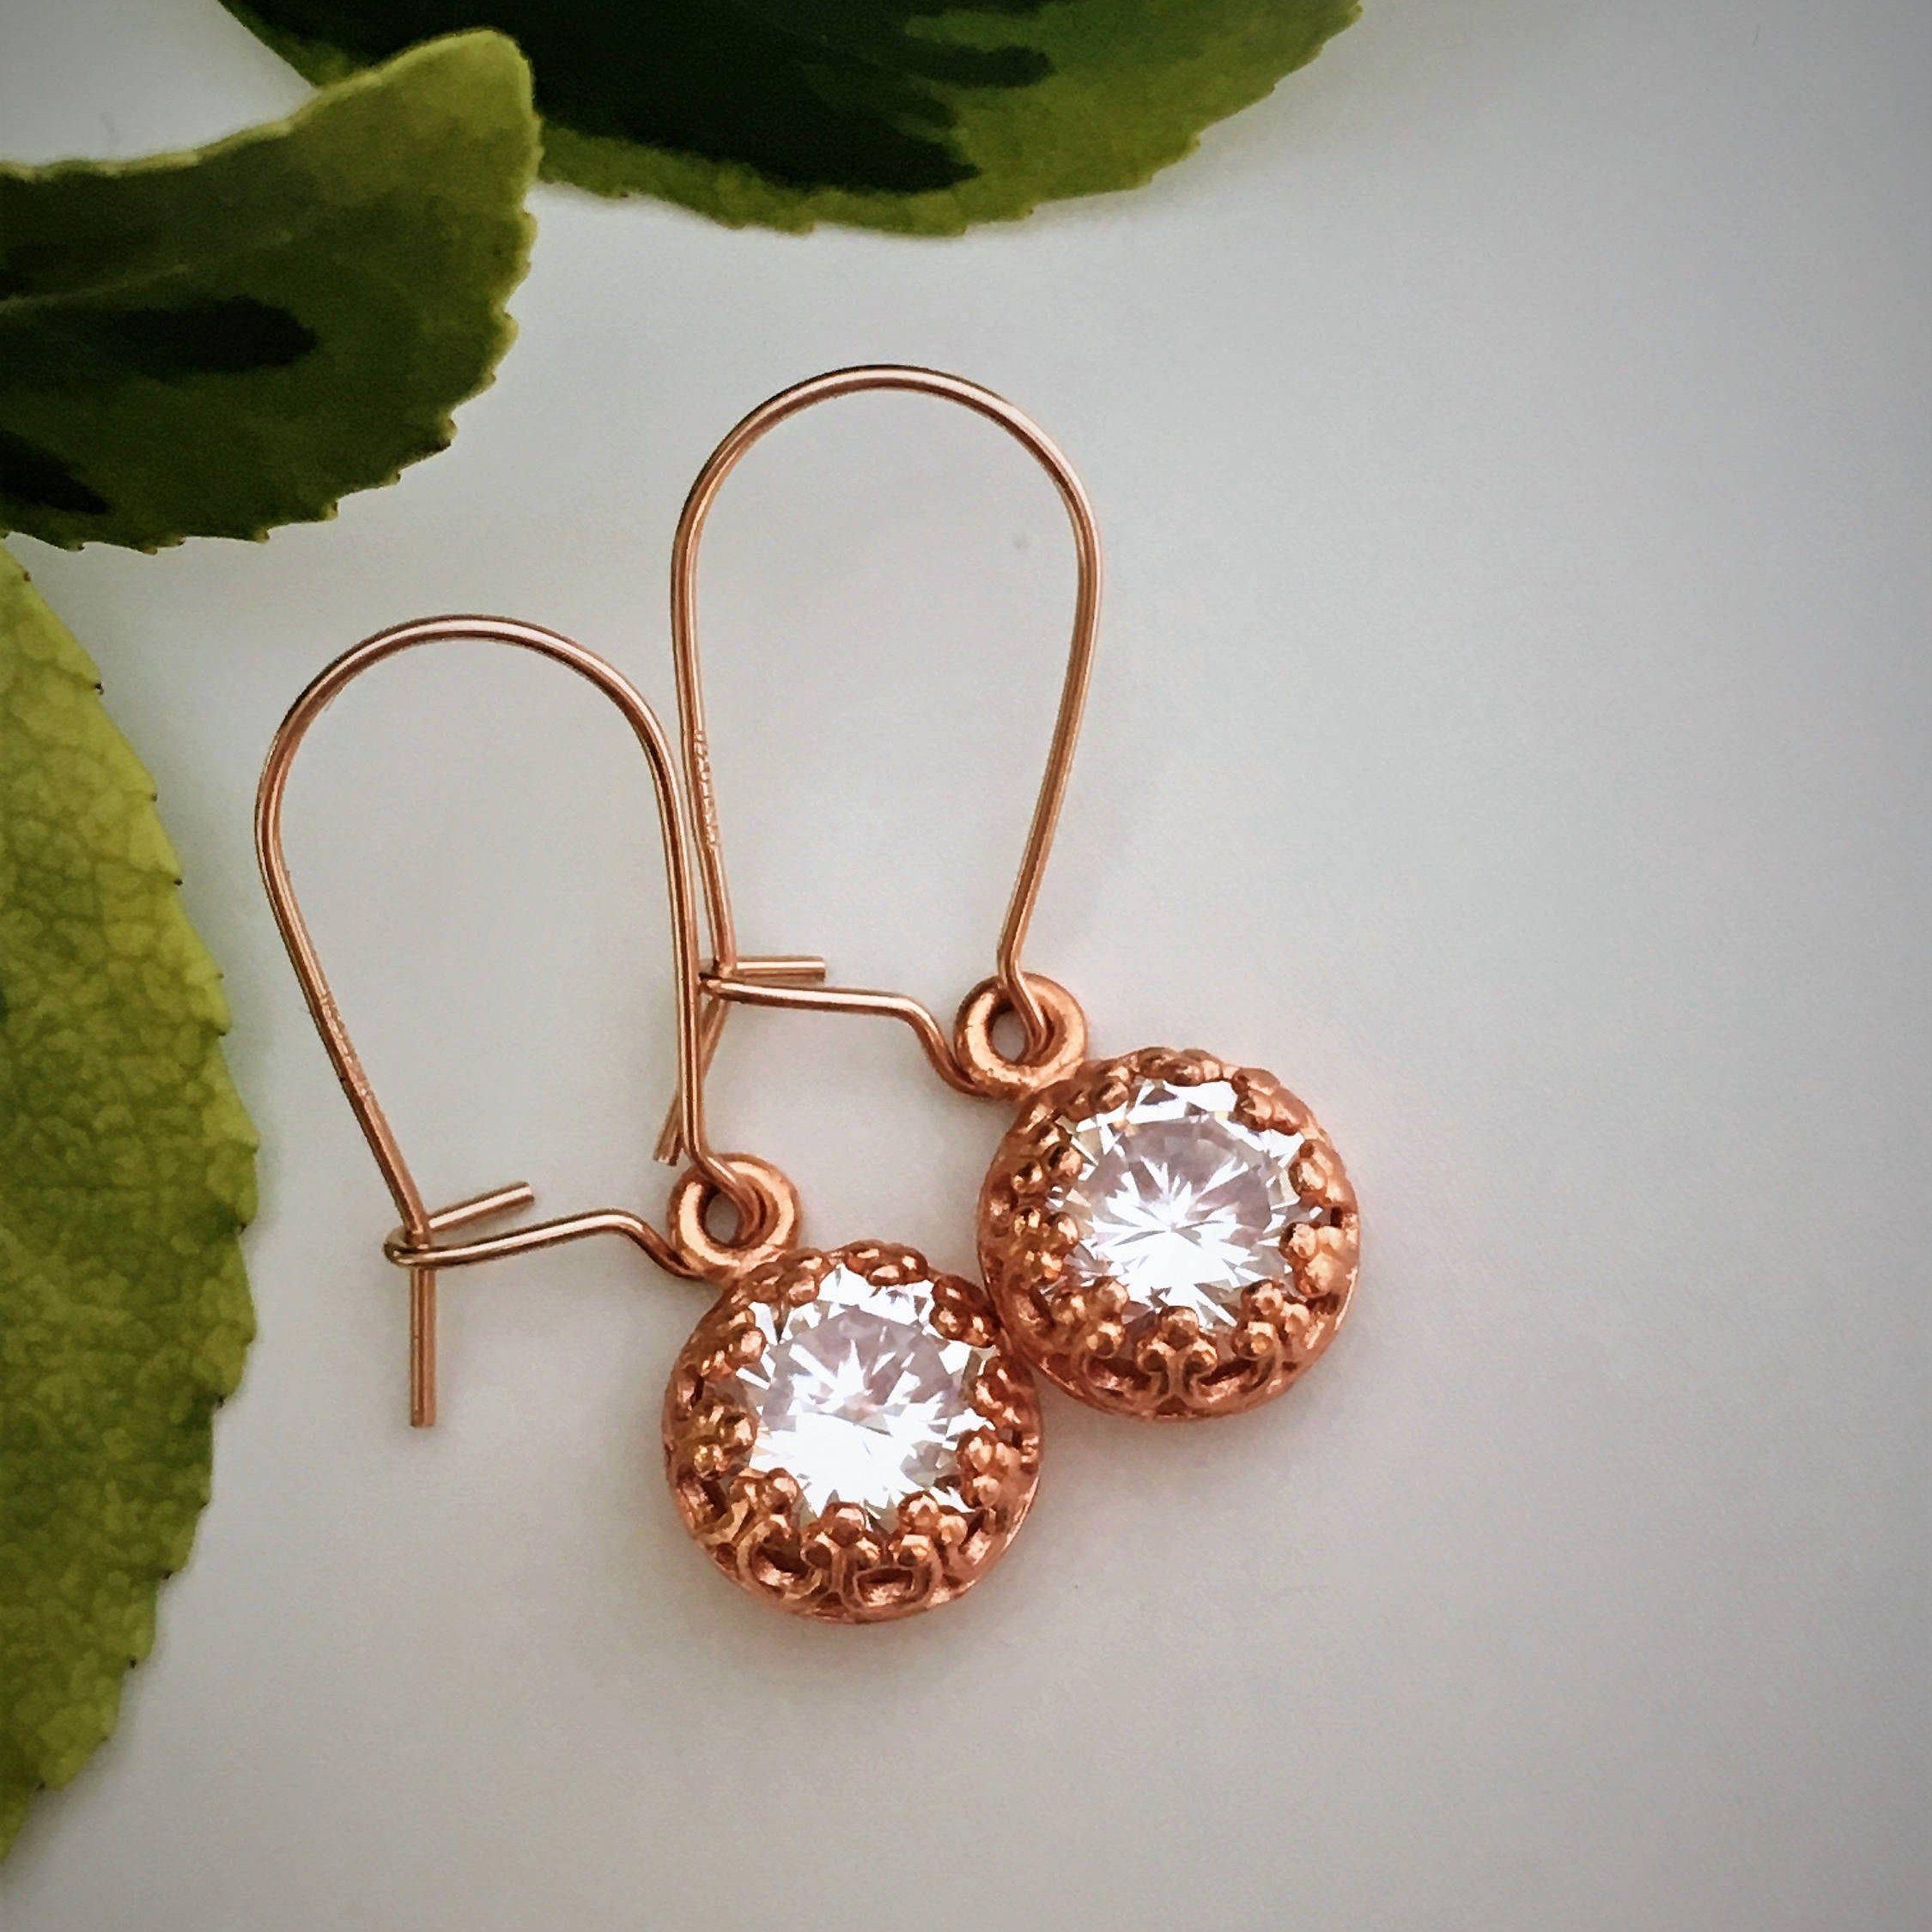 Love Dangle Bronze Earring Green Zircon Earring Bow Long Wedding Earring Birthday Dangle Earring Antique look Earring,Love Gift  Earring